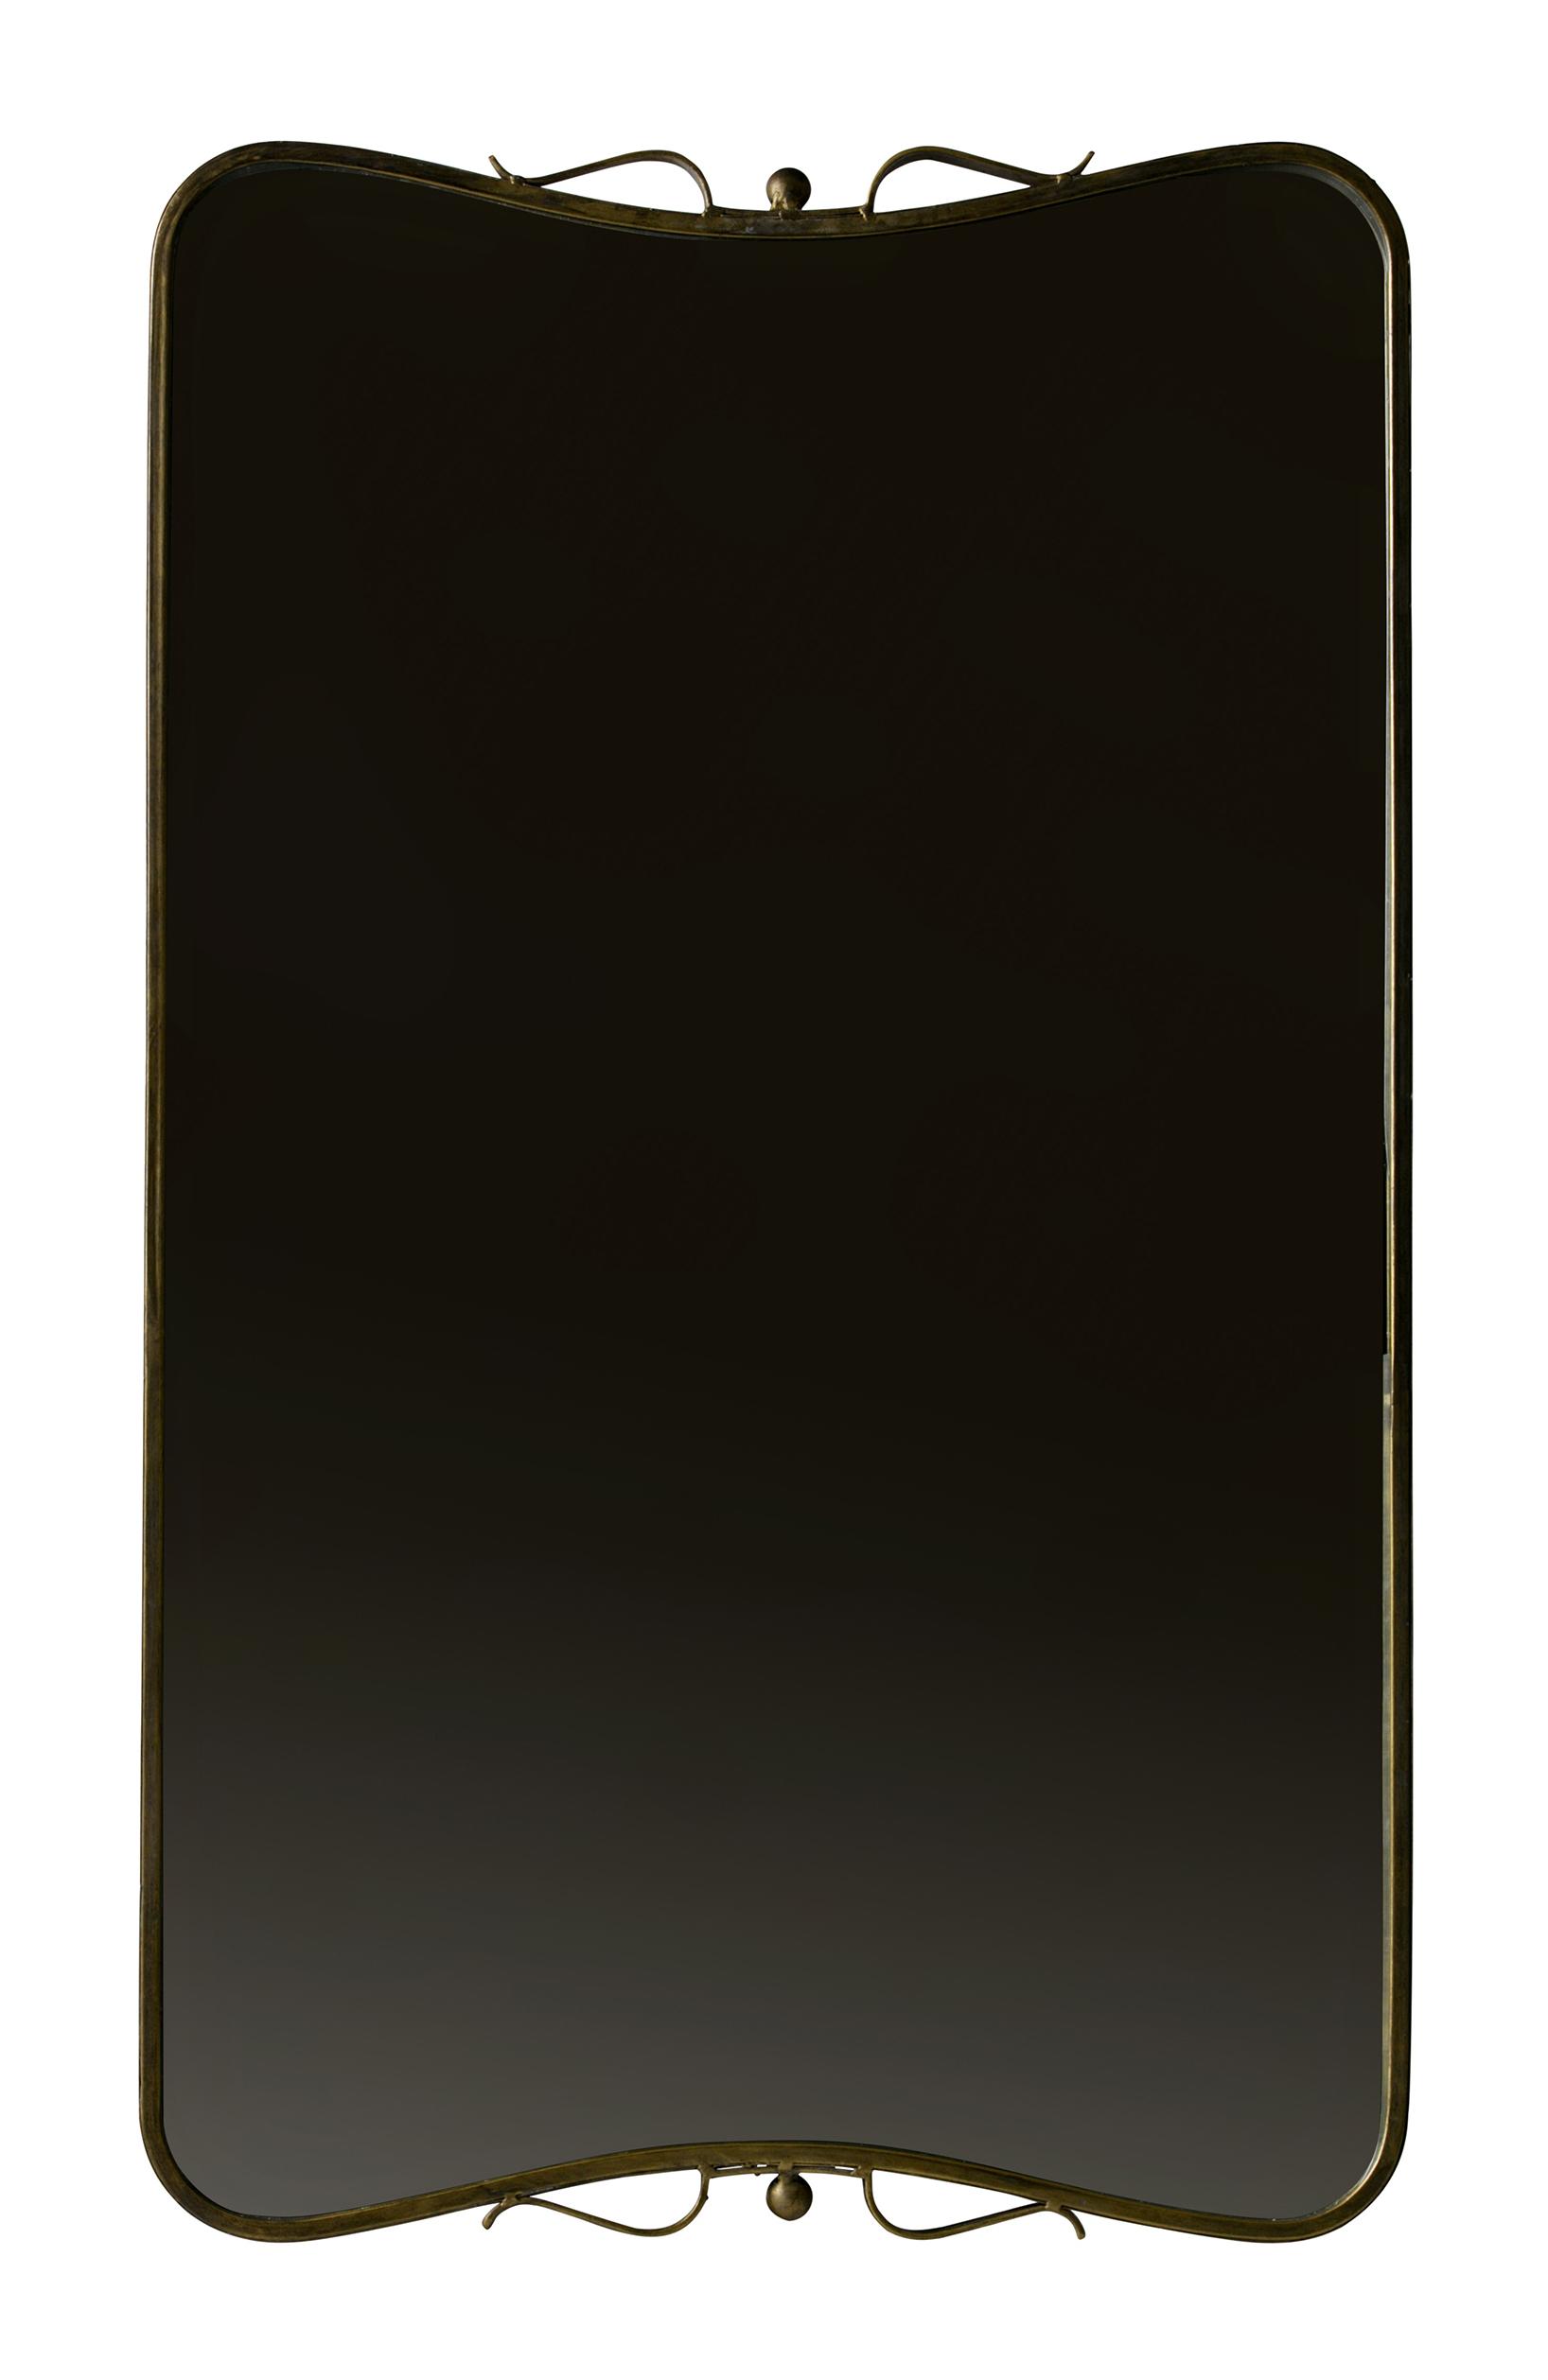 BePureHome Spiegel 'Double' 85,5 x 51,5cm, kleur Antique Brass Woonaccessoires   Spiegels kopen